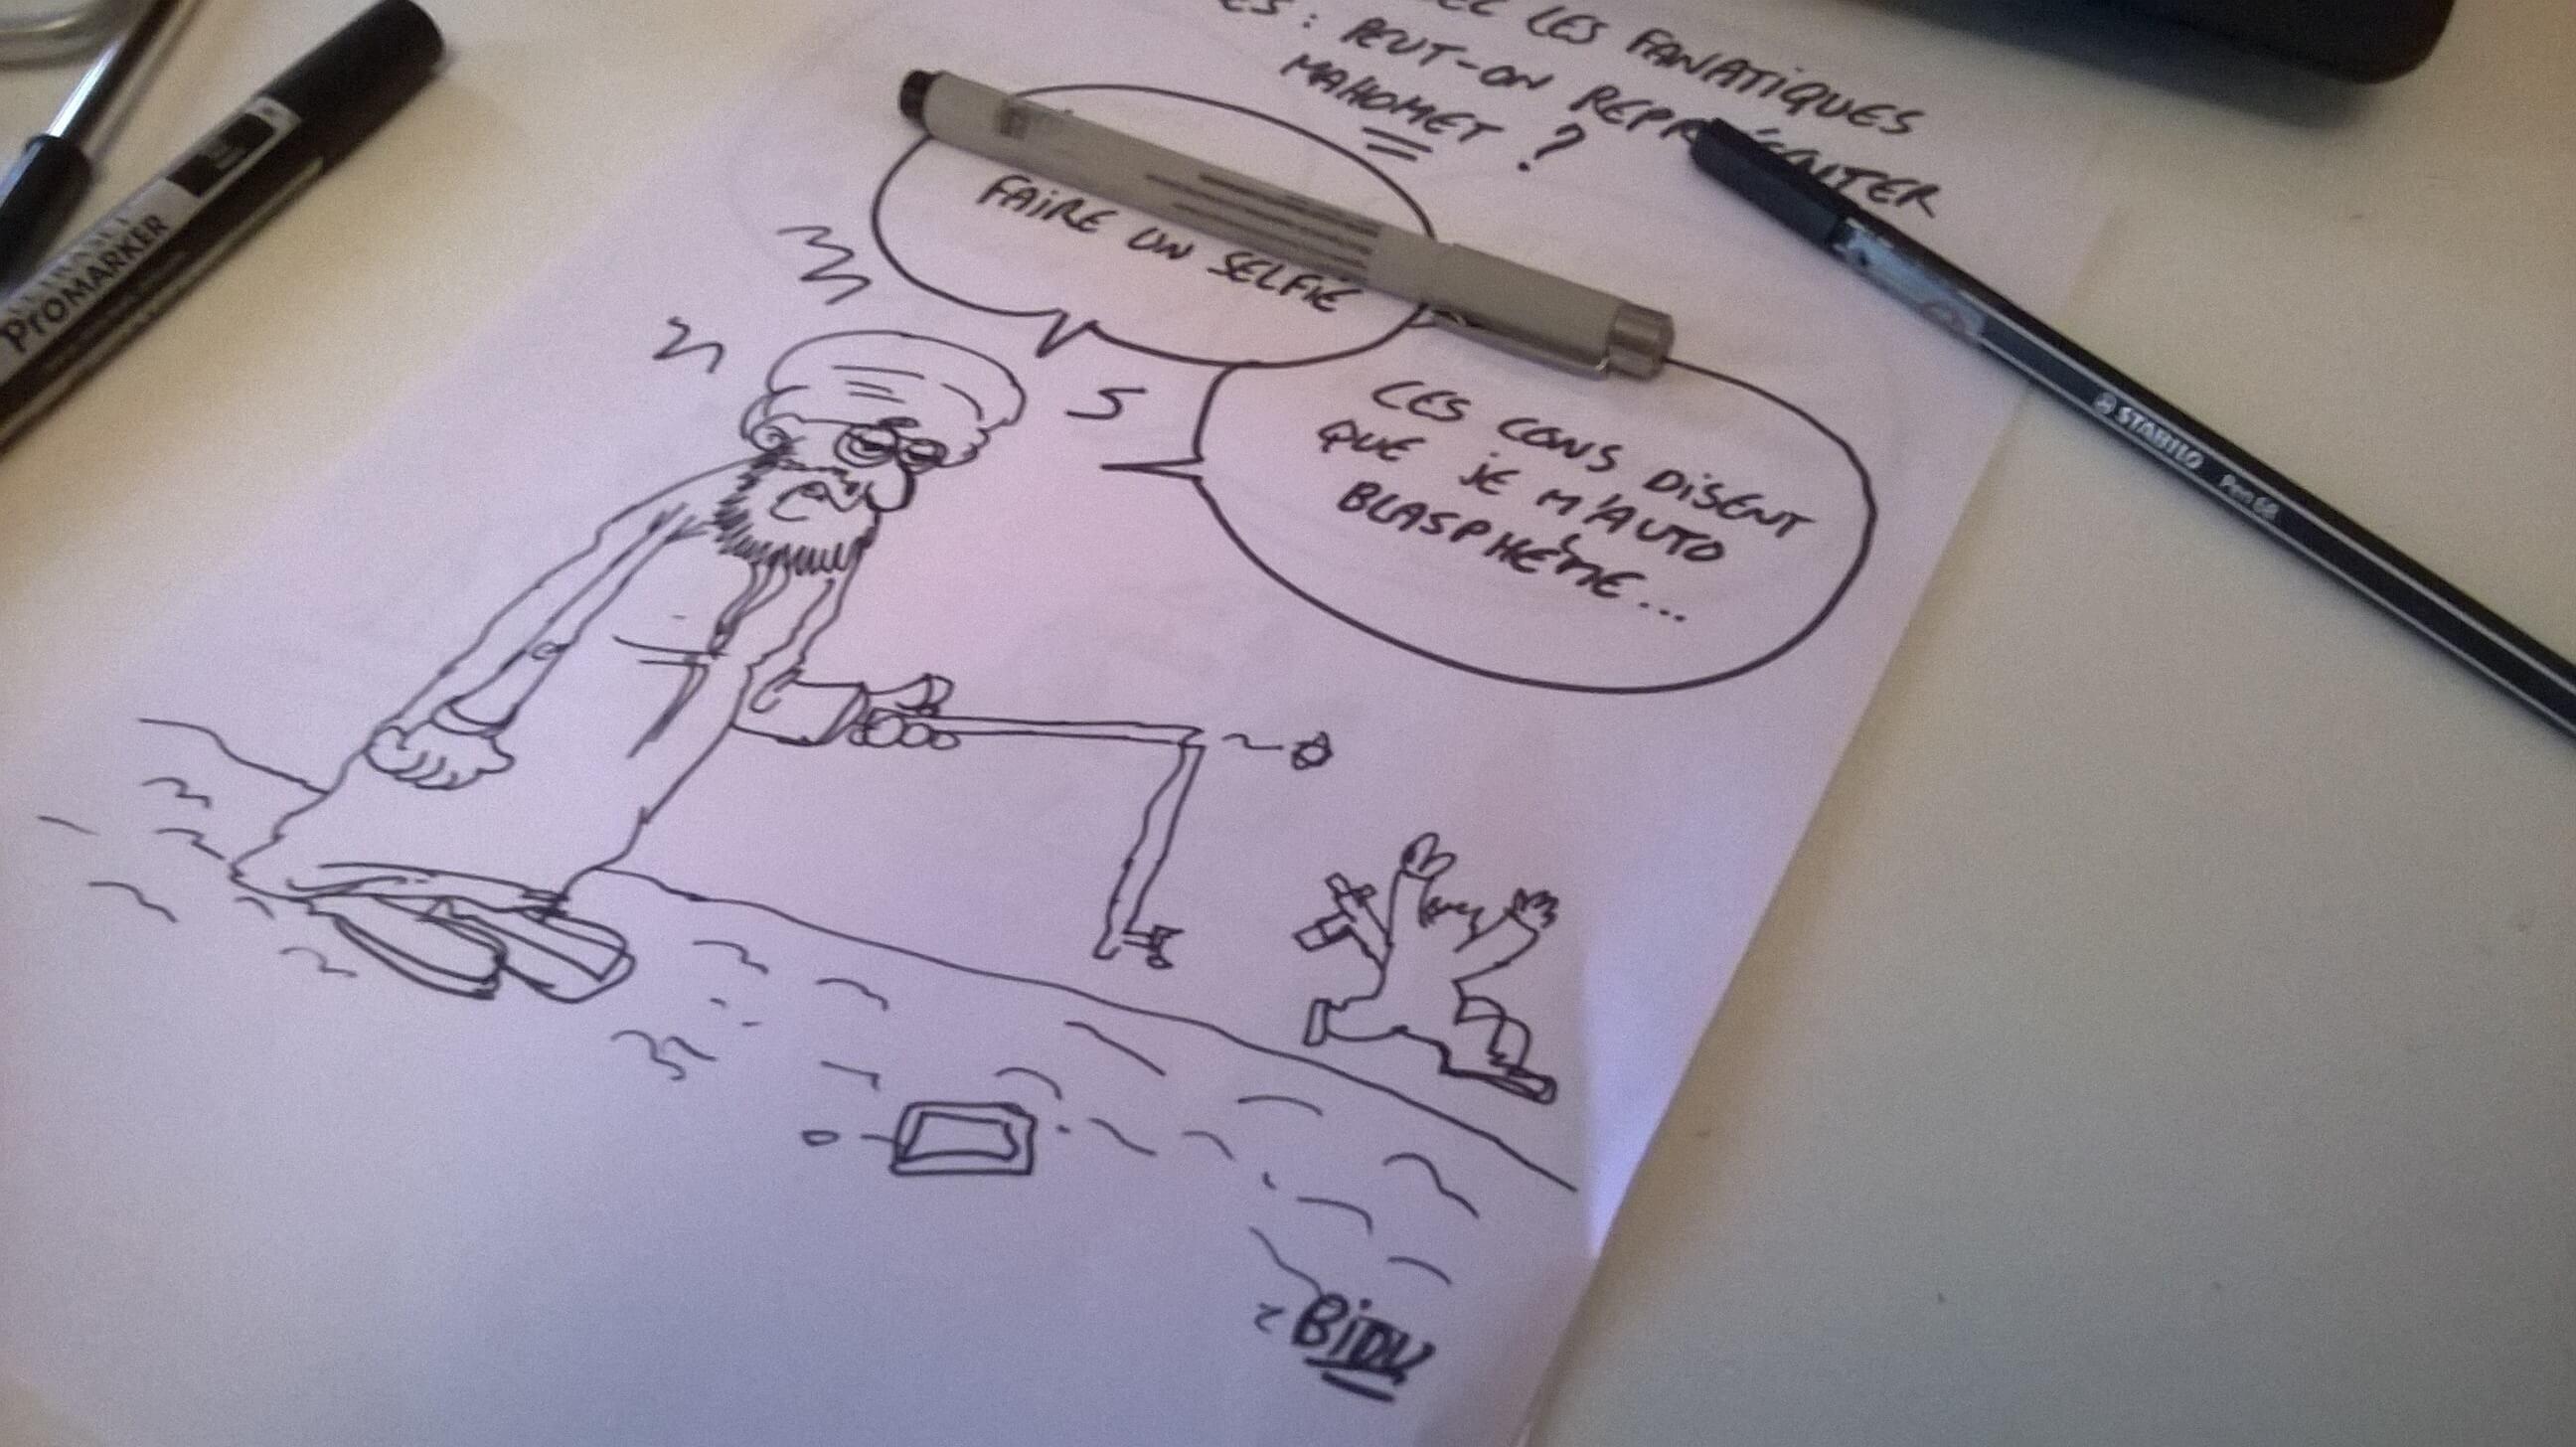 BIDU, dessinateur satyrique, jeune talent